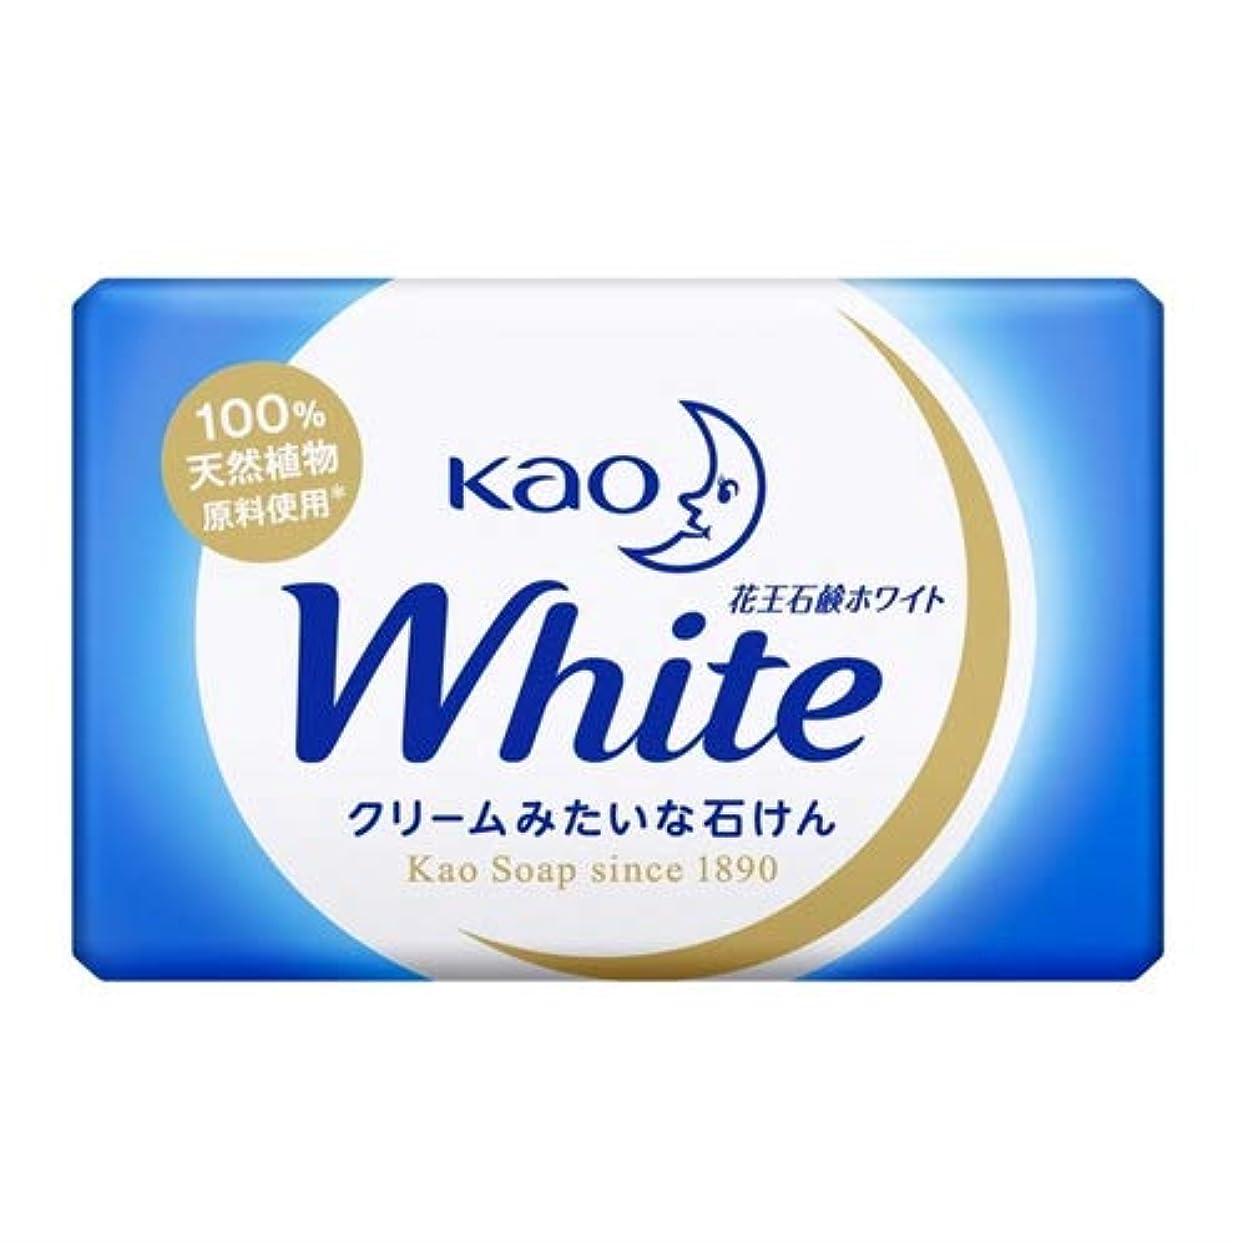 漏れ市民権甘美な花王石鹸ホワイト 業務用ミニサイズ 15g × 200個セット